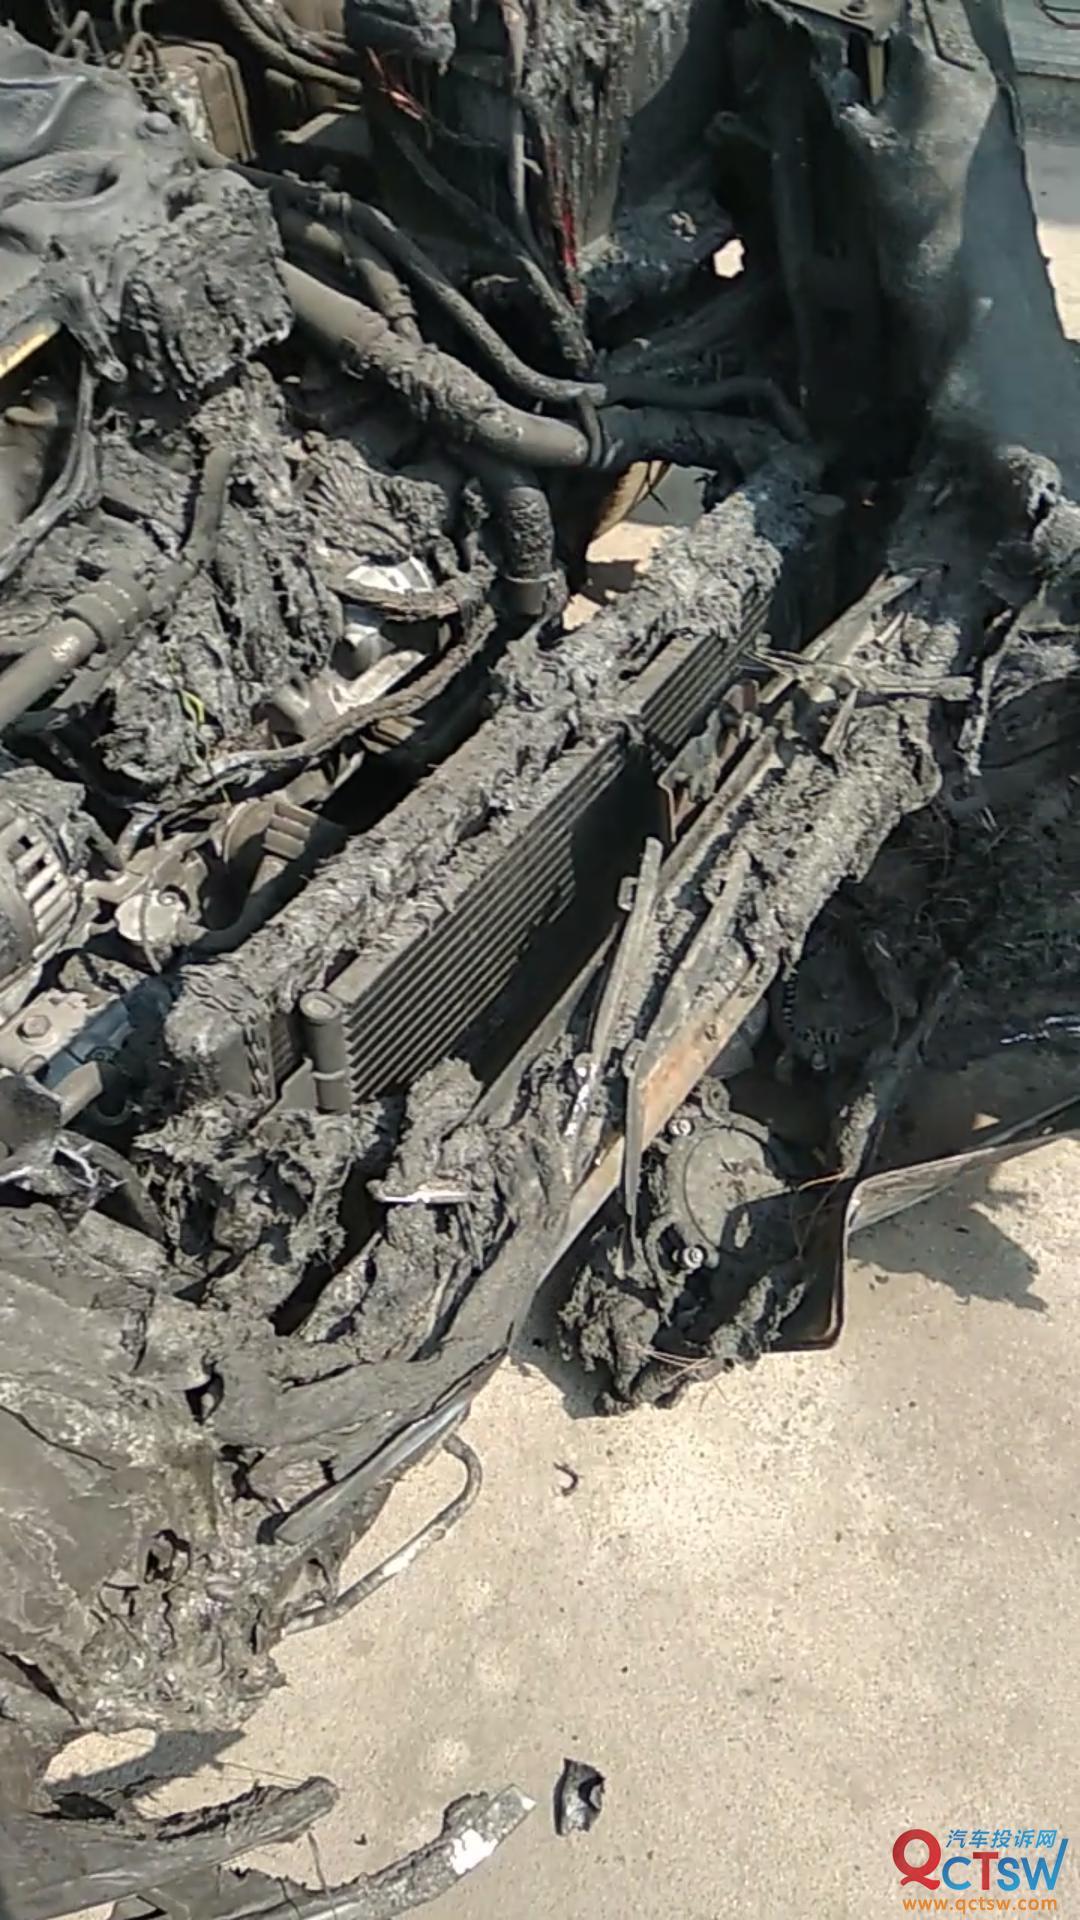 大众-朗逸 车辆自燃至今已经过了半年,问题至今未解决